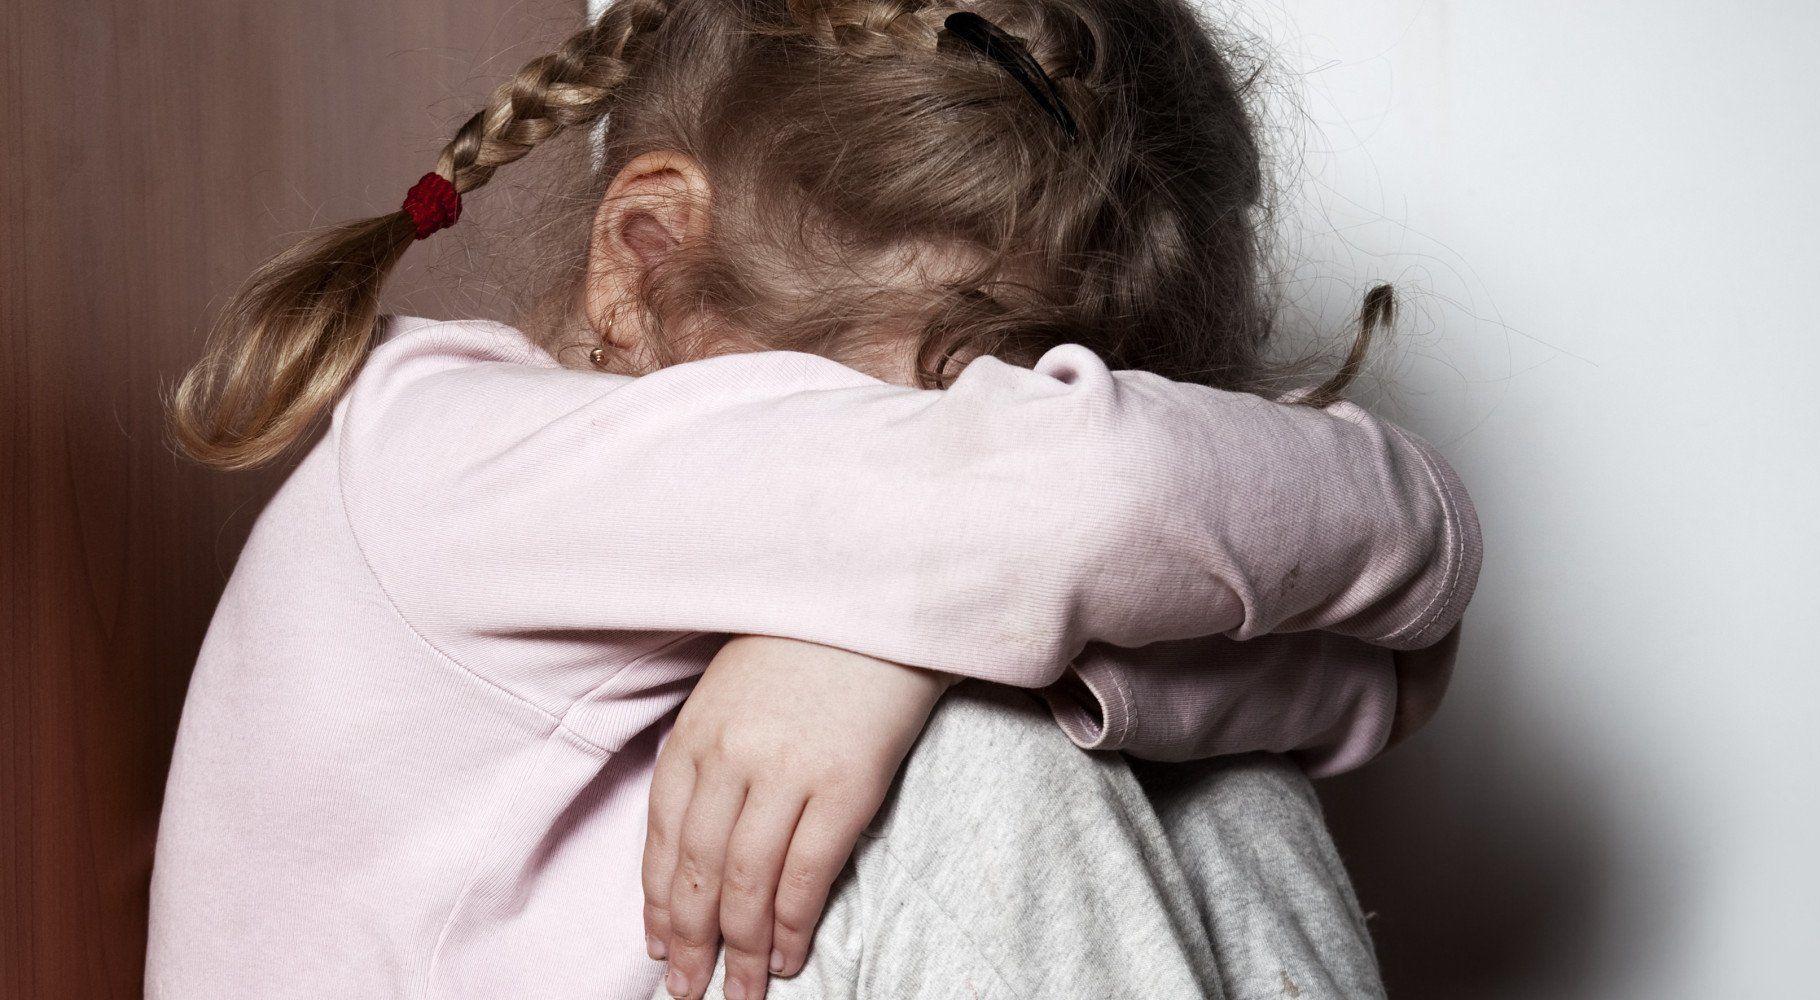 Воспользовался детской беспомощностью. Под Киевом педофил развращал трехлетнюю дочь